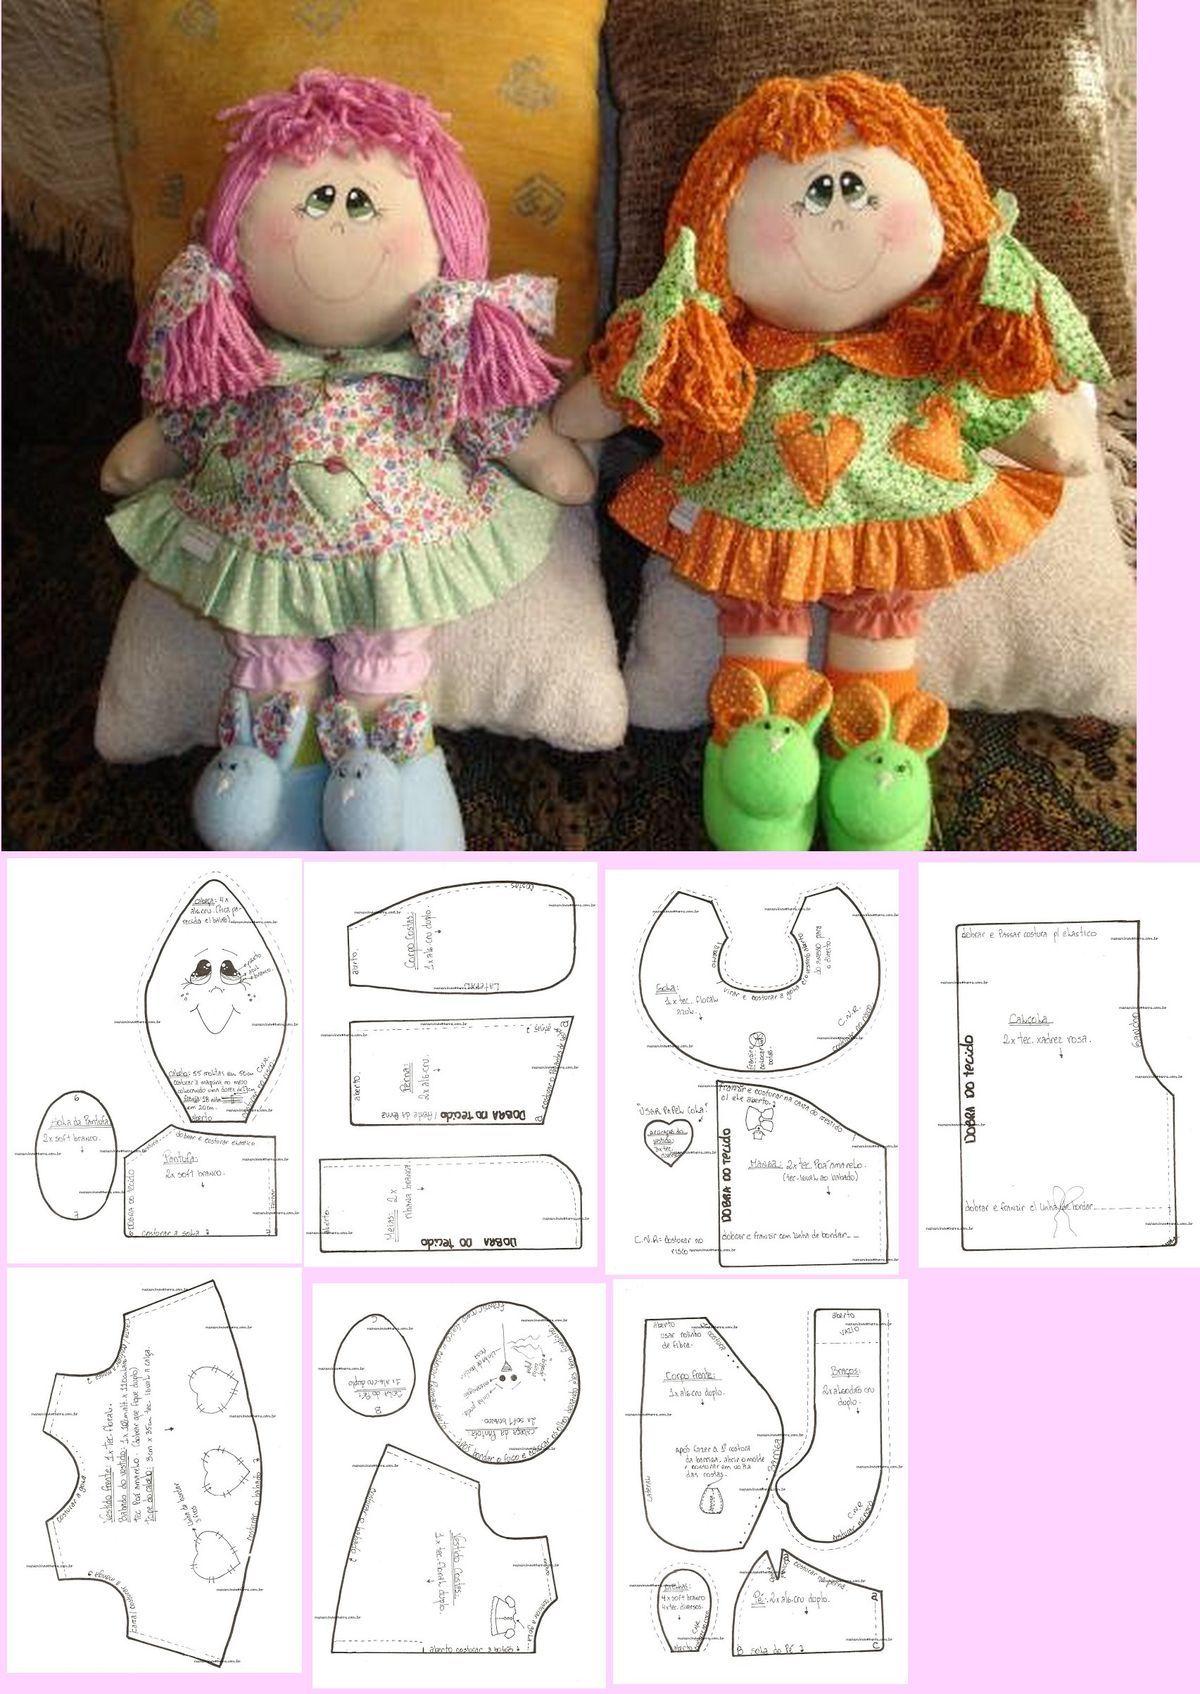 Doll toys images  ceefdaeaffedccccebag  pixels  Nines